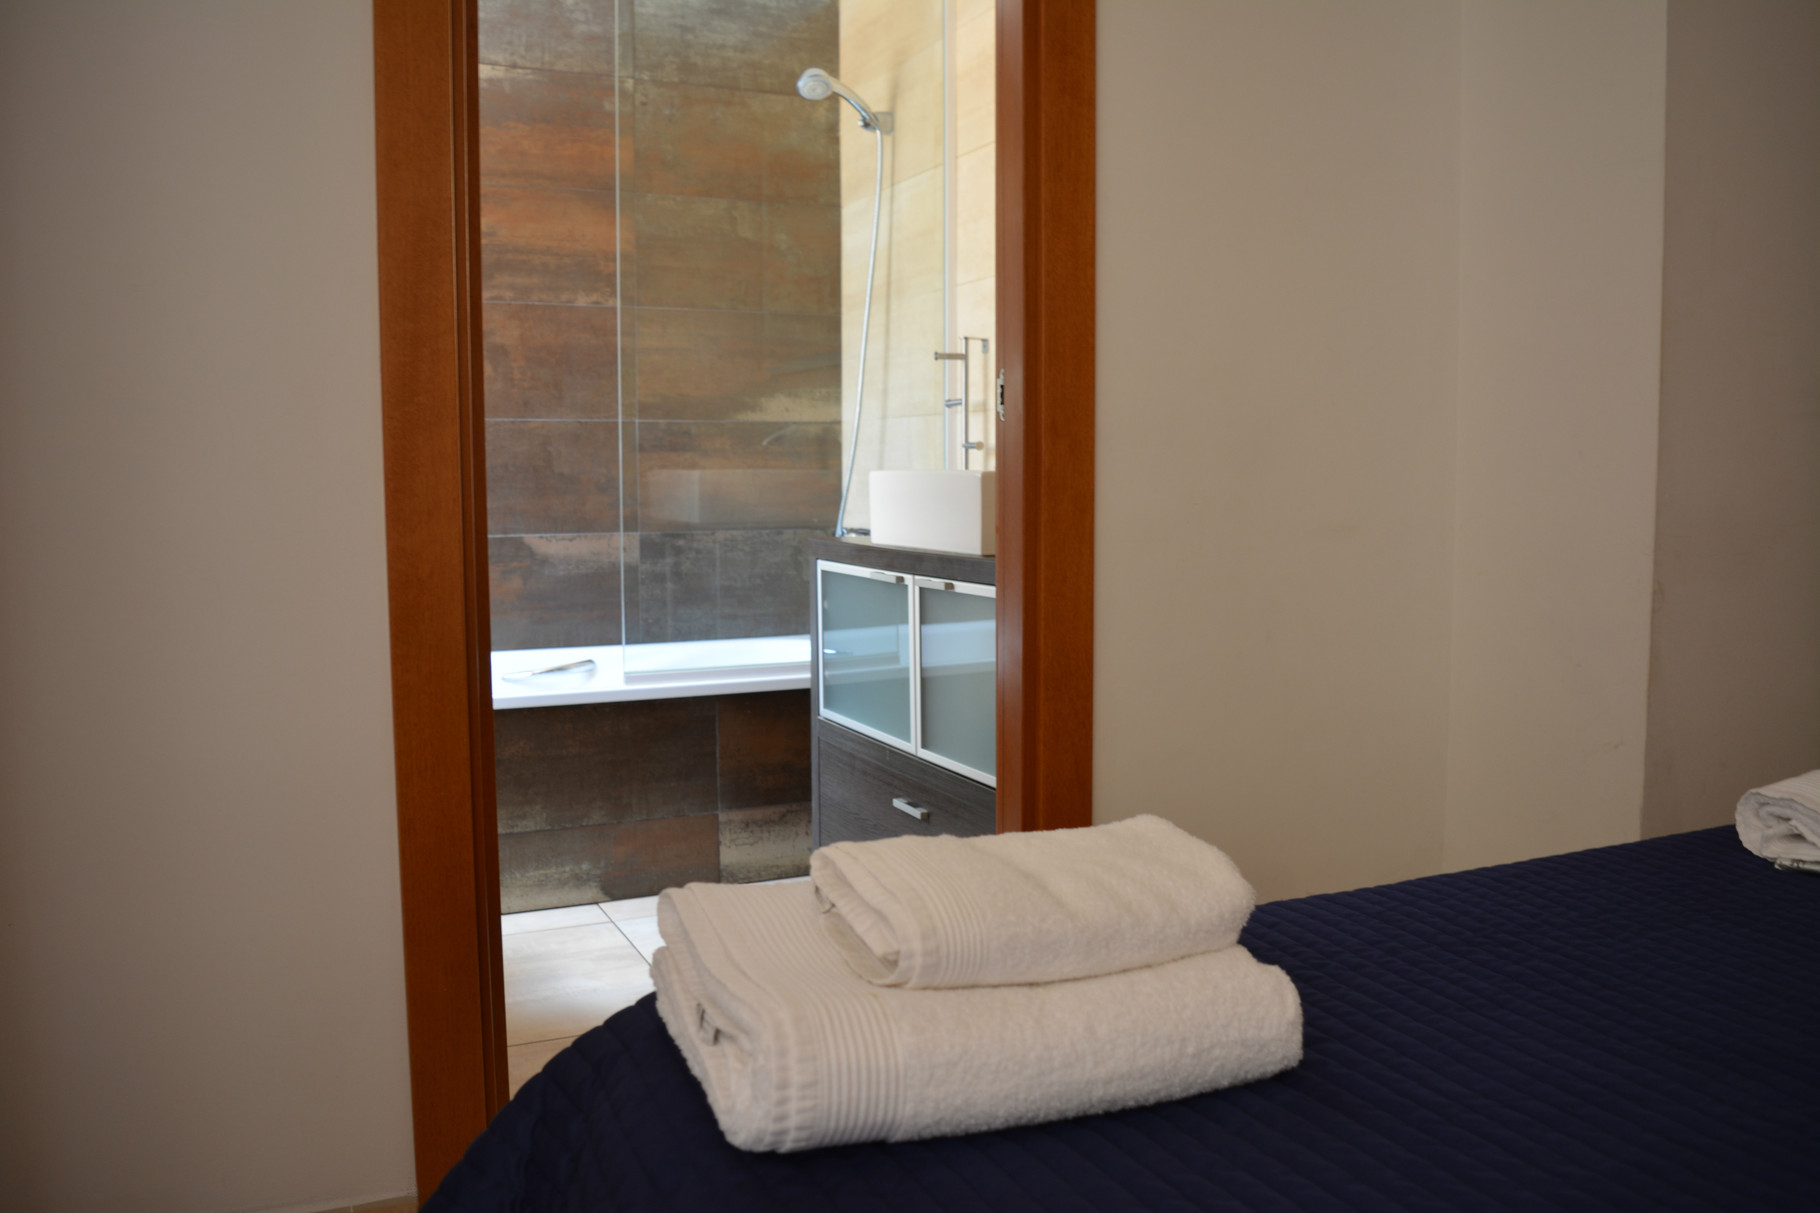 dormitorio con baño